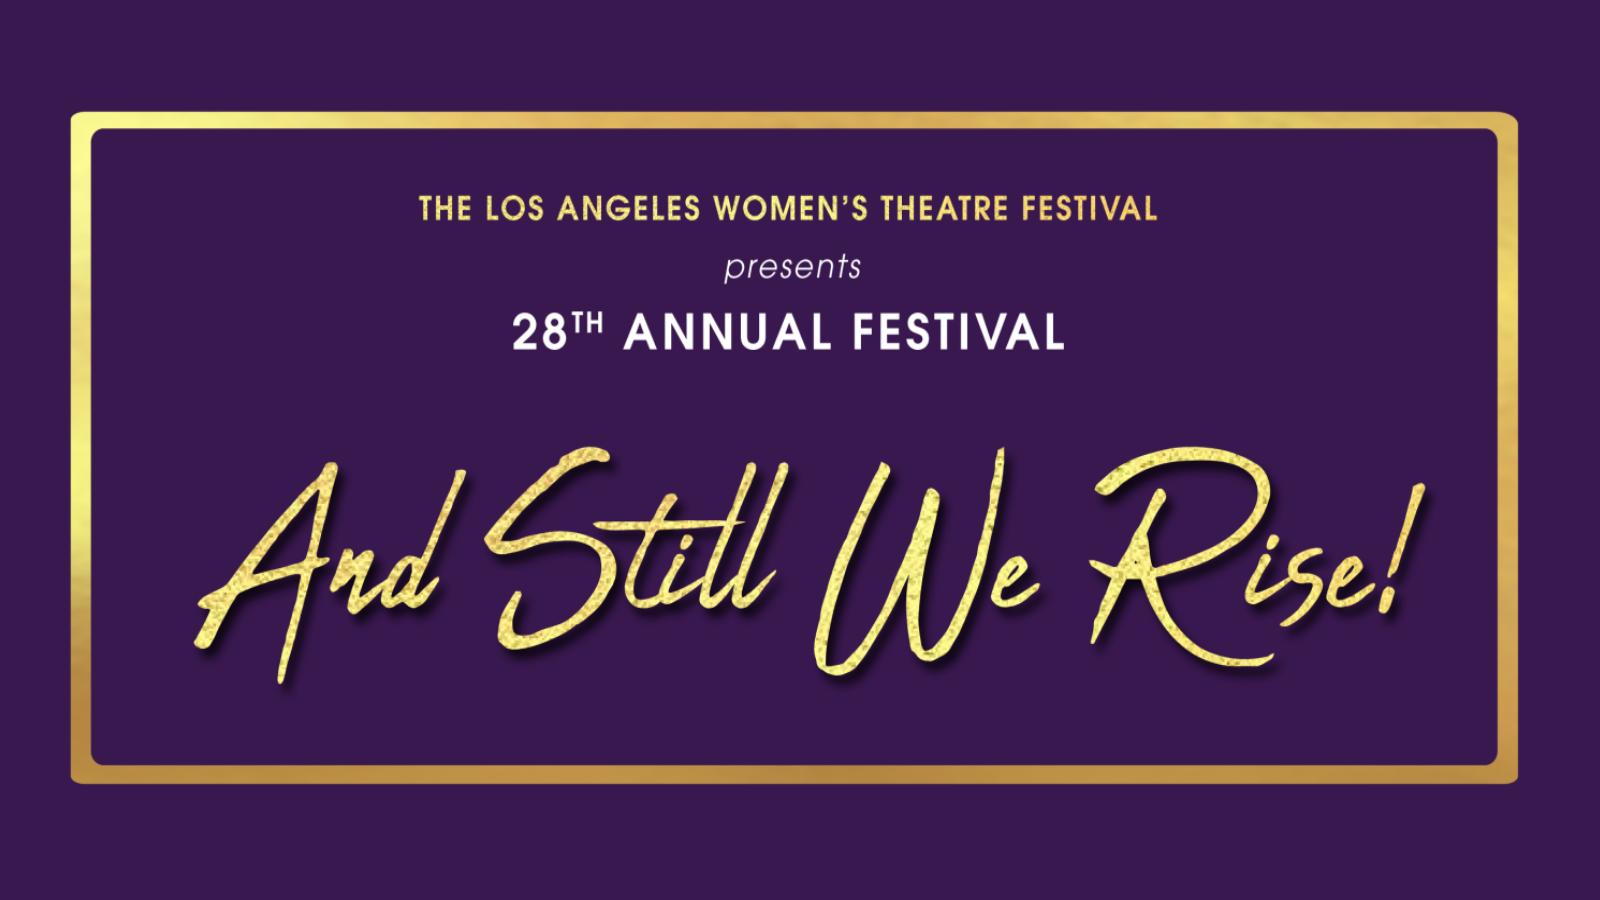 28th Annual Los Angeles Women's Theatre Festival: